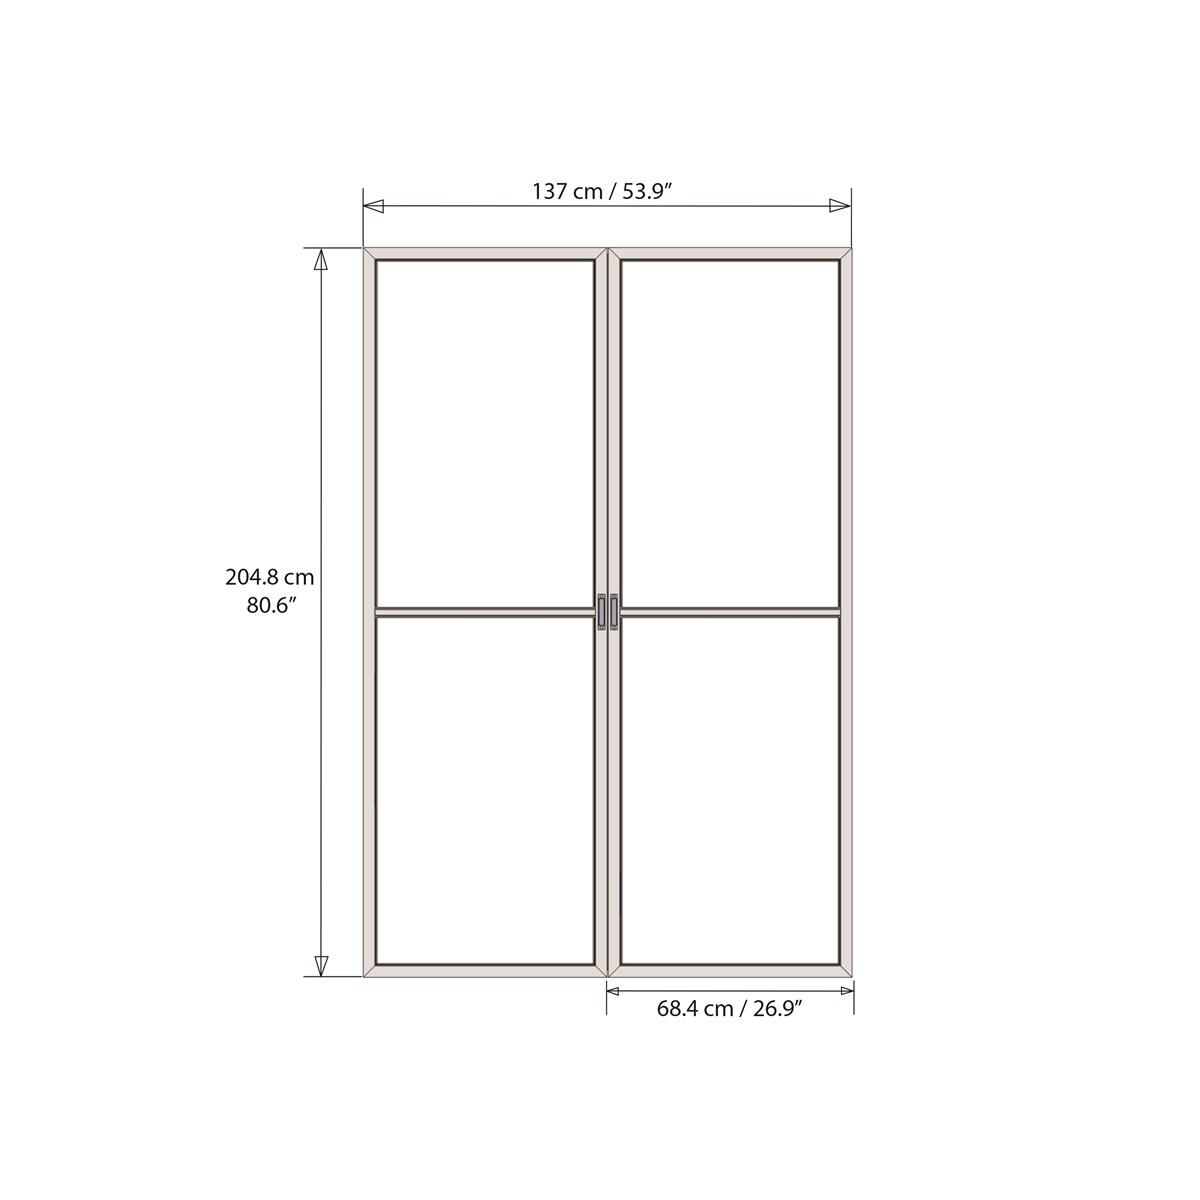 Palram Dveře s moskytiérou pro Torino 3 x 4,25 (antracit)